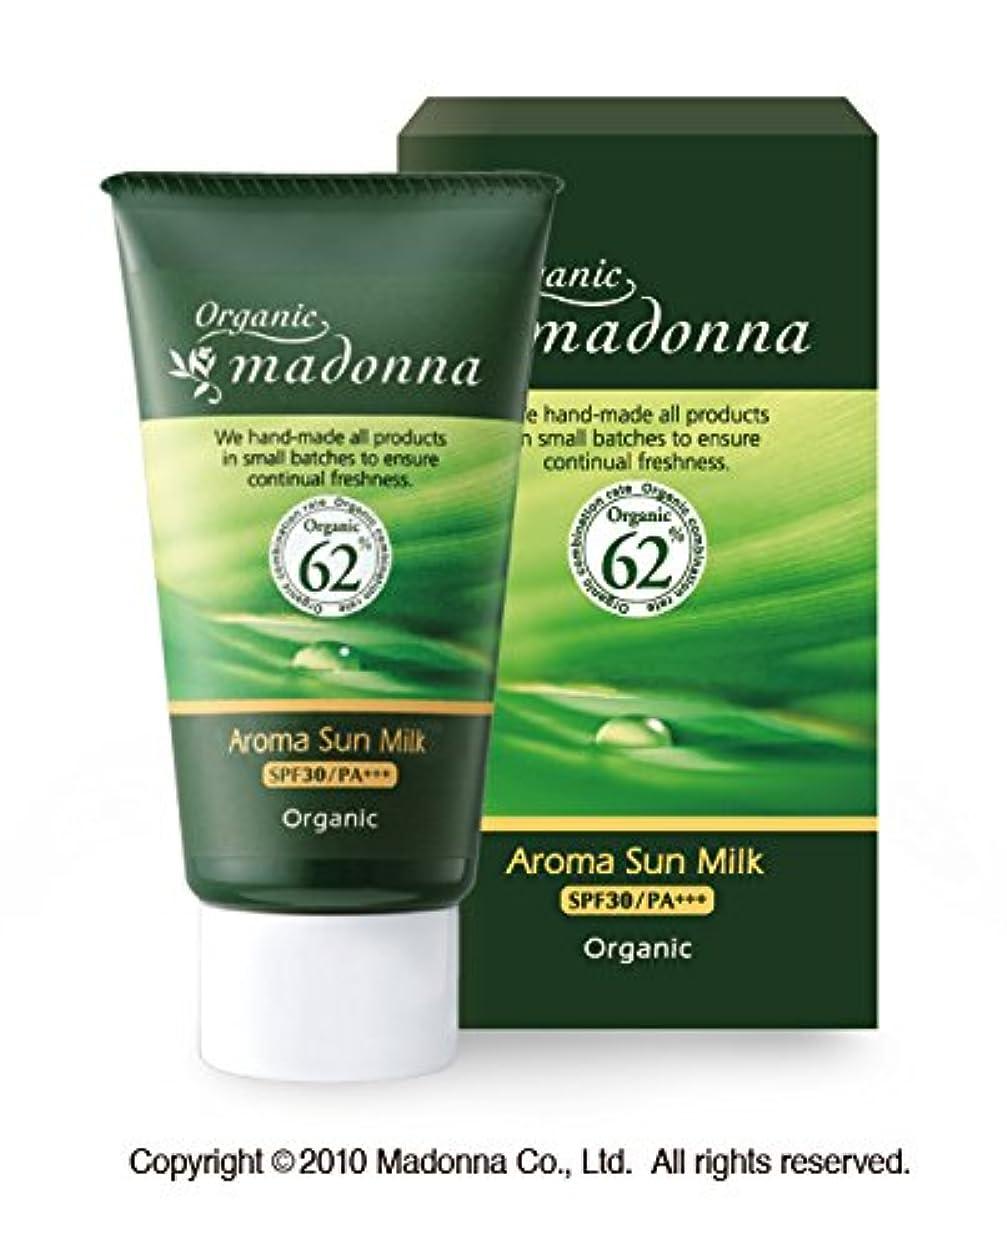 ライオングラフィック急いでオーガニックマドンナ アロマサンミルク45g(SPF30/PA+++)<オーガニック62%配合>